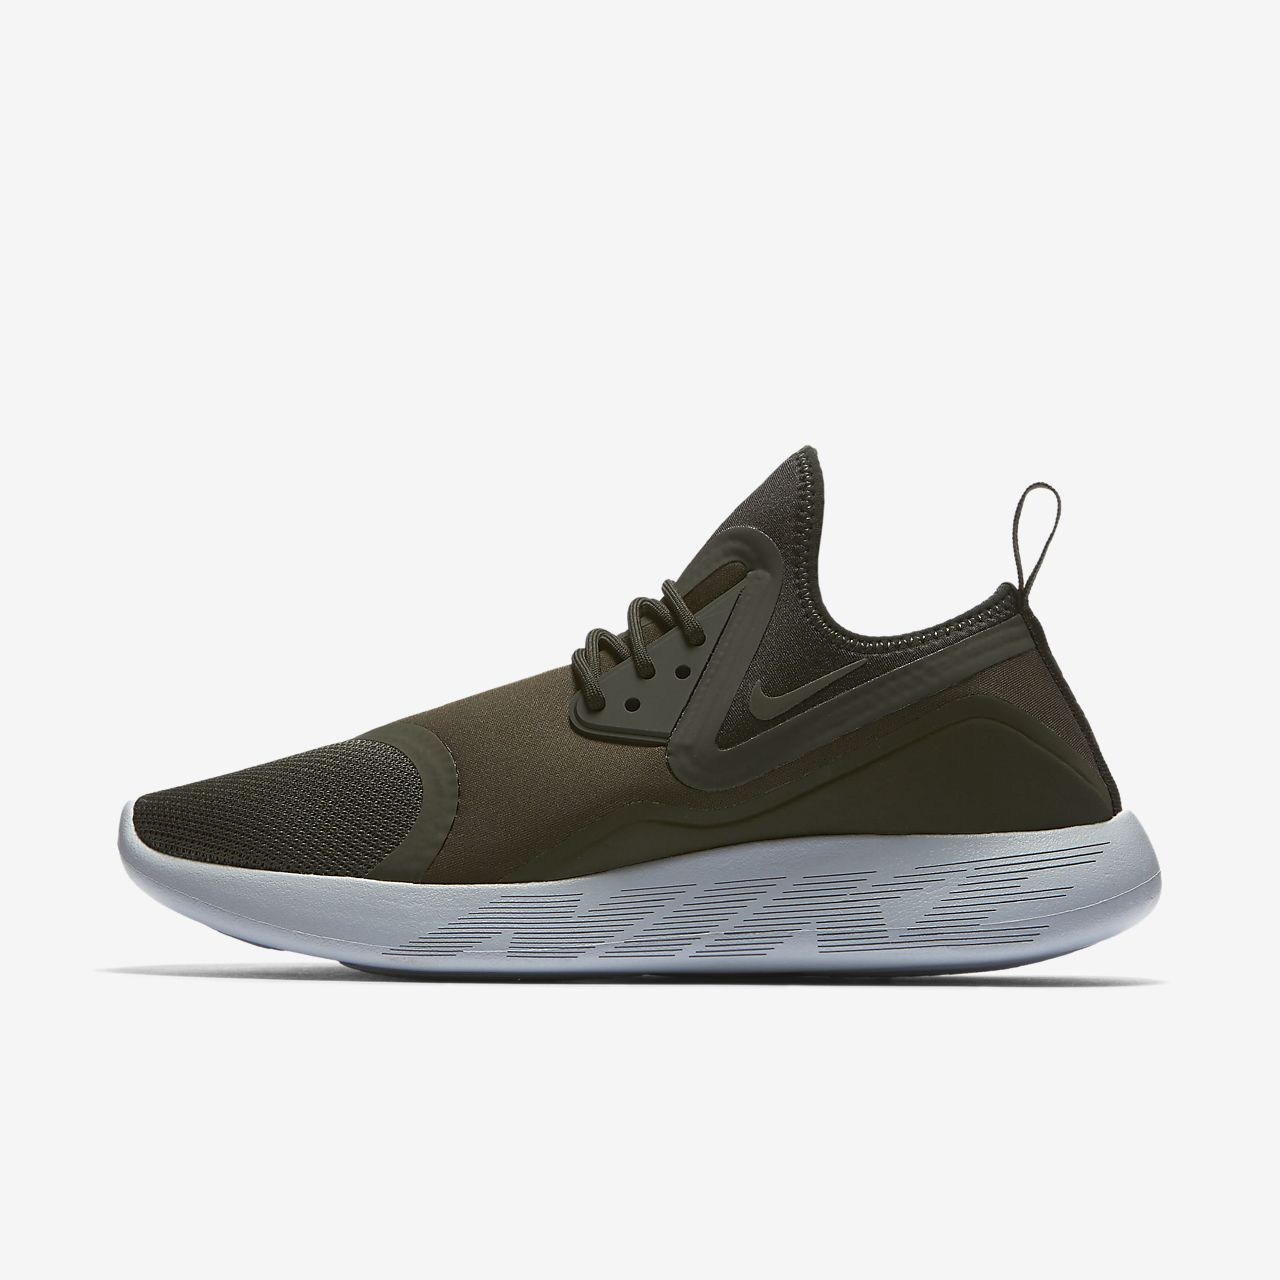 NIKE lunarcharge Baskets pour homme Chaussures de sport kaki Nouveau TOP vM1oOJP